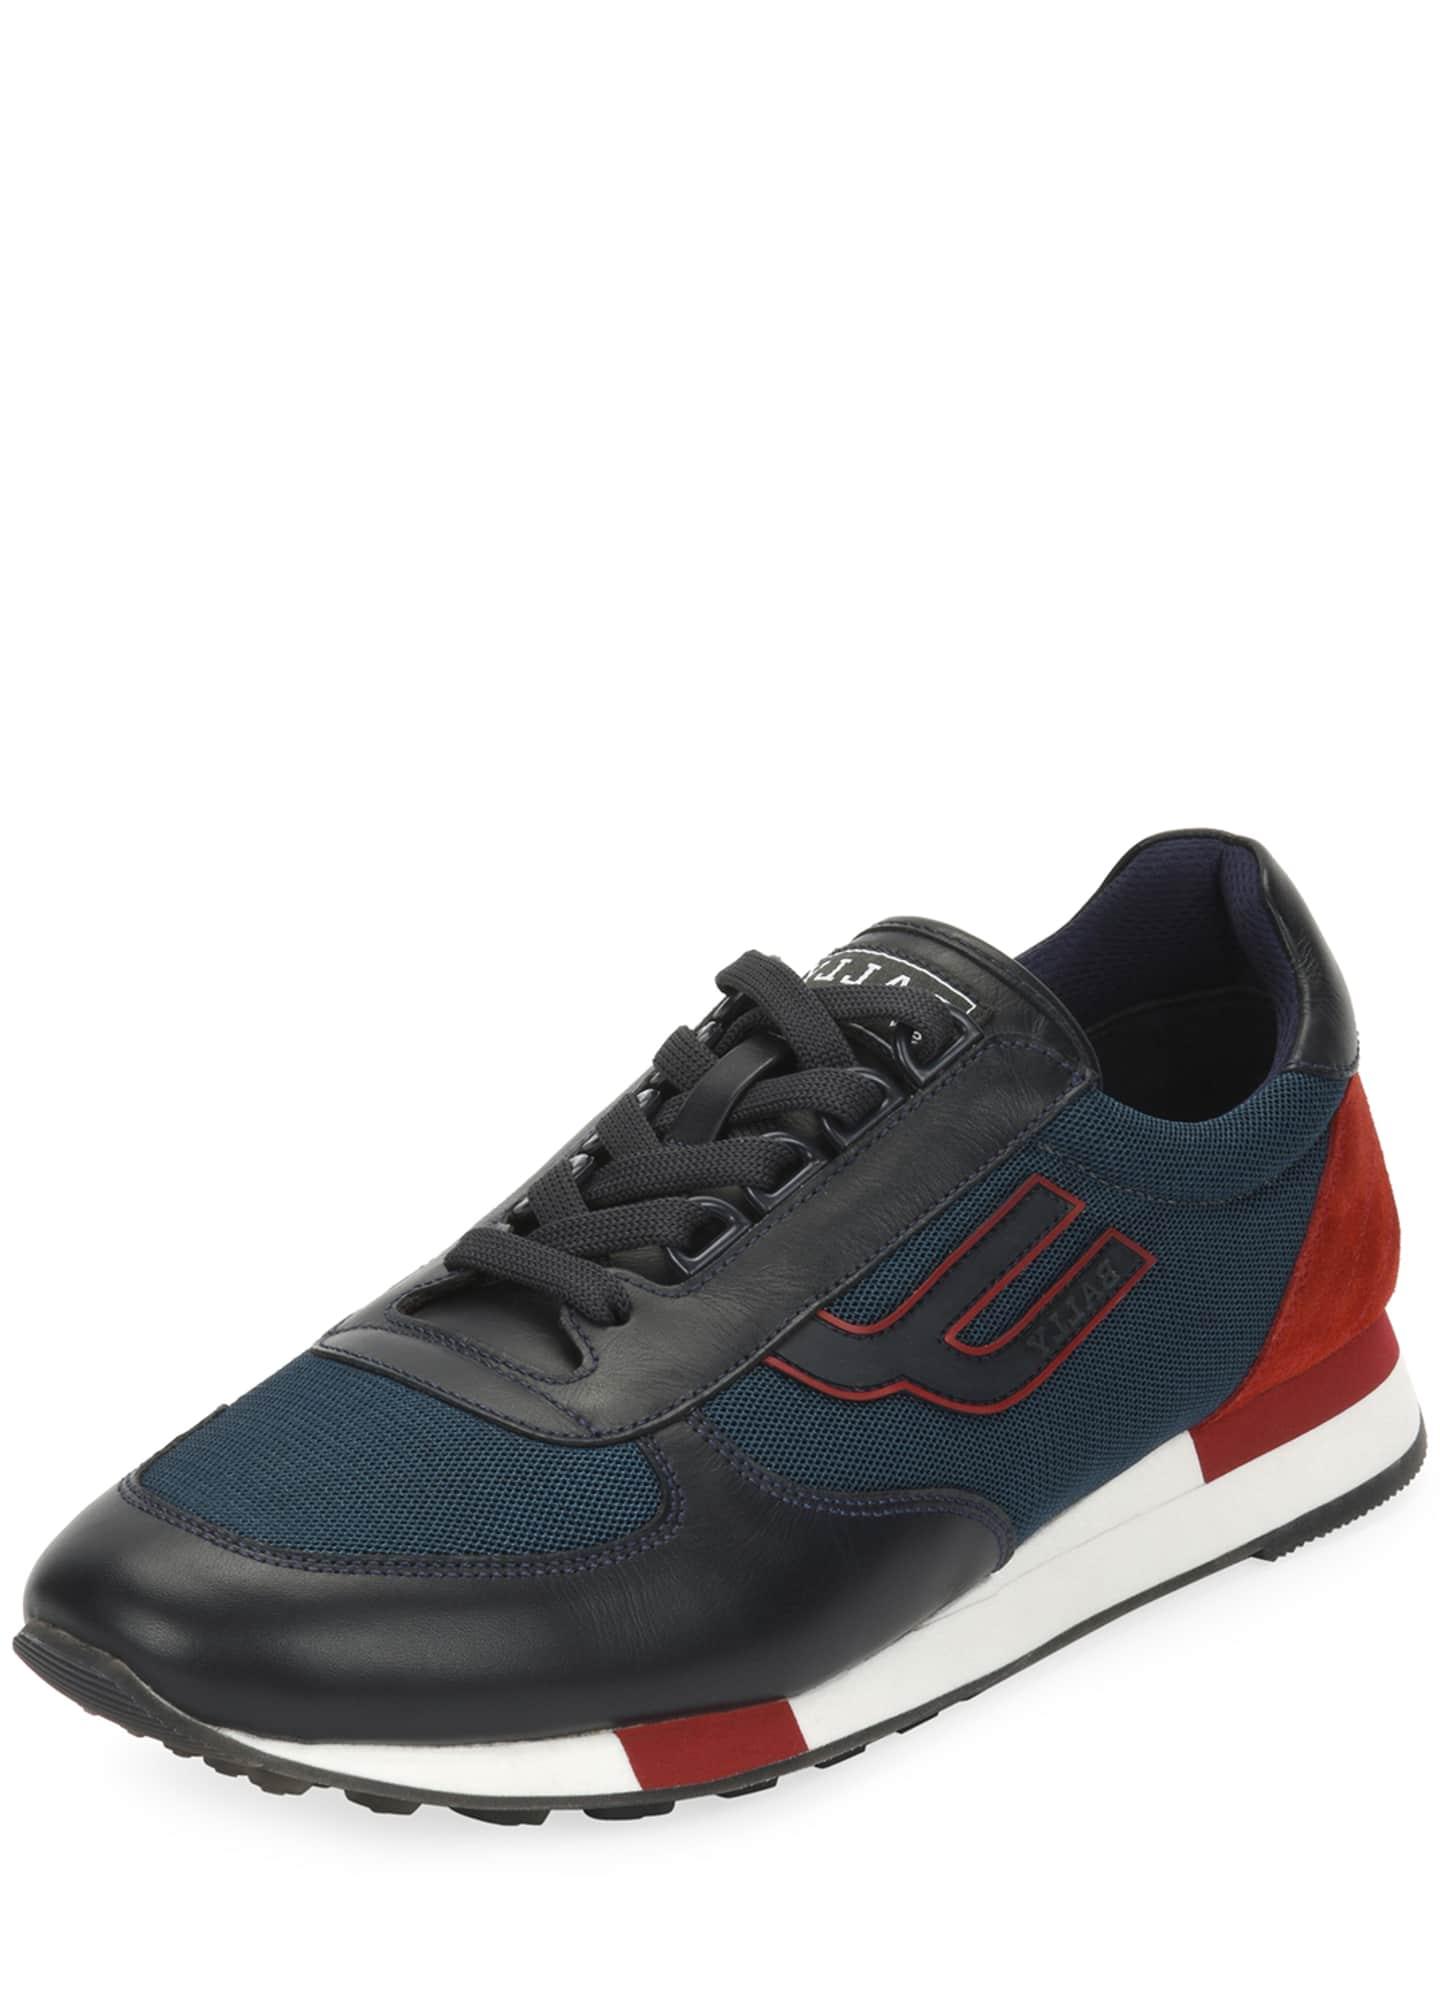 Bally Men's Gavino Retro Runner Sneakers